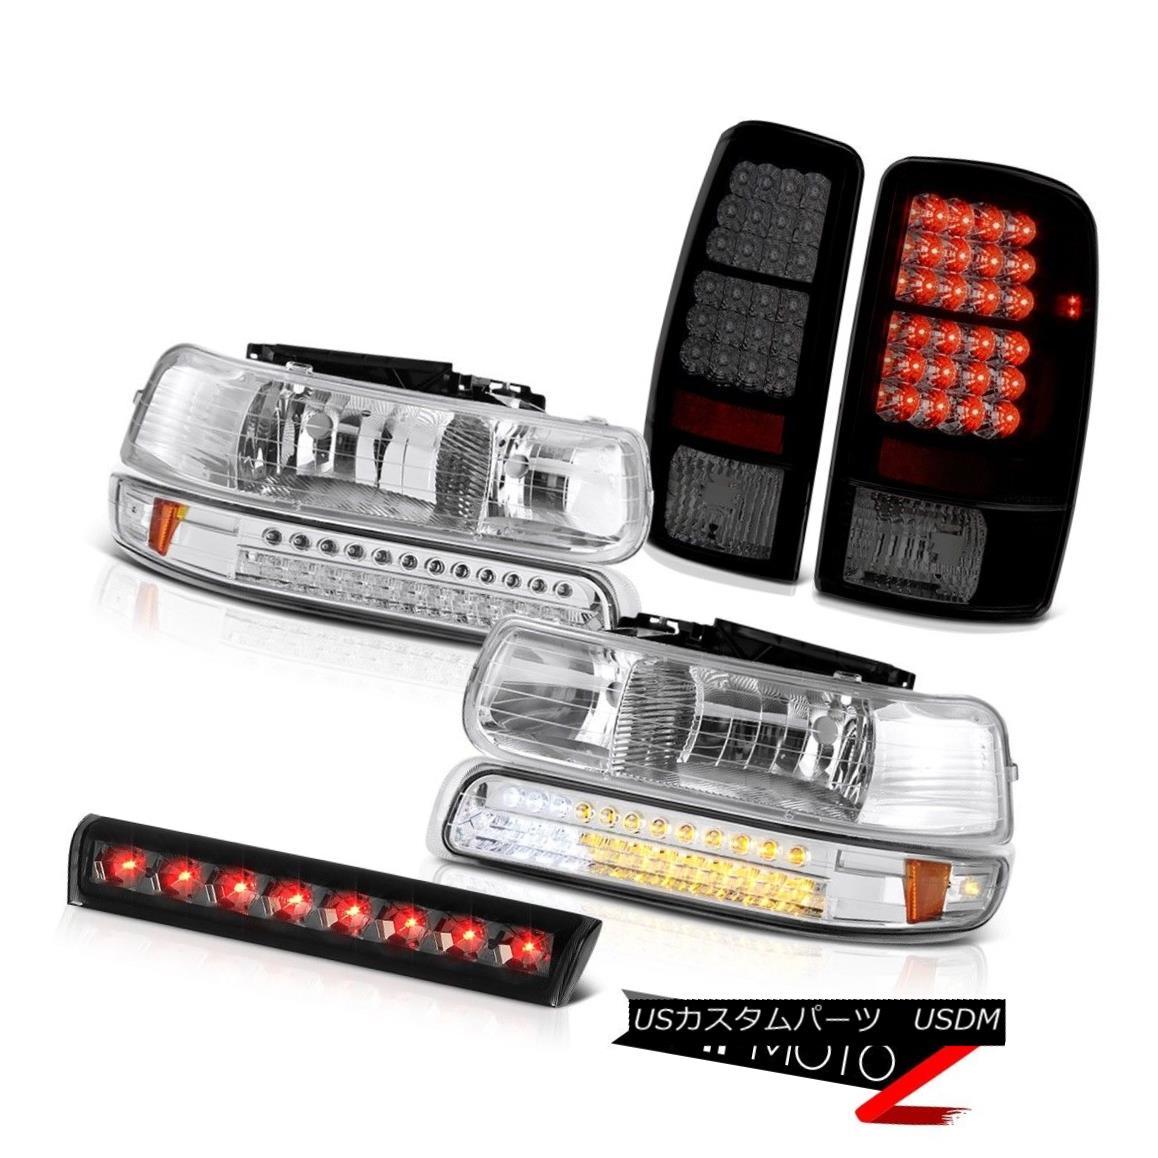 ヘッドライト 00 01 02 03 04 05 06 Tahoe 5.3L Euro LED Chrome Headlights Tail Lights 3rd Brake 00 01 02 03 04 05 06タホー5.3LユーロLEDクロームヘッドライトテールライト3rdブレーキ